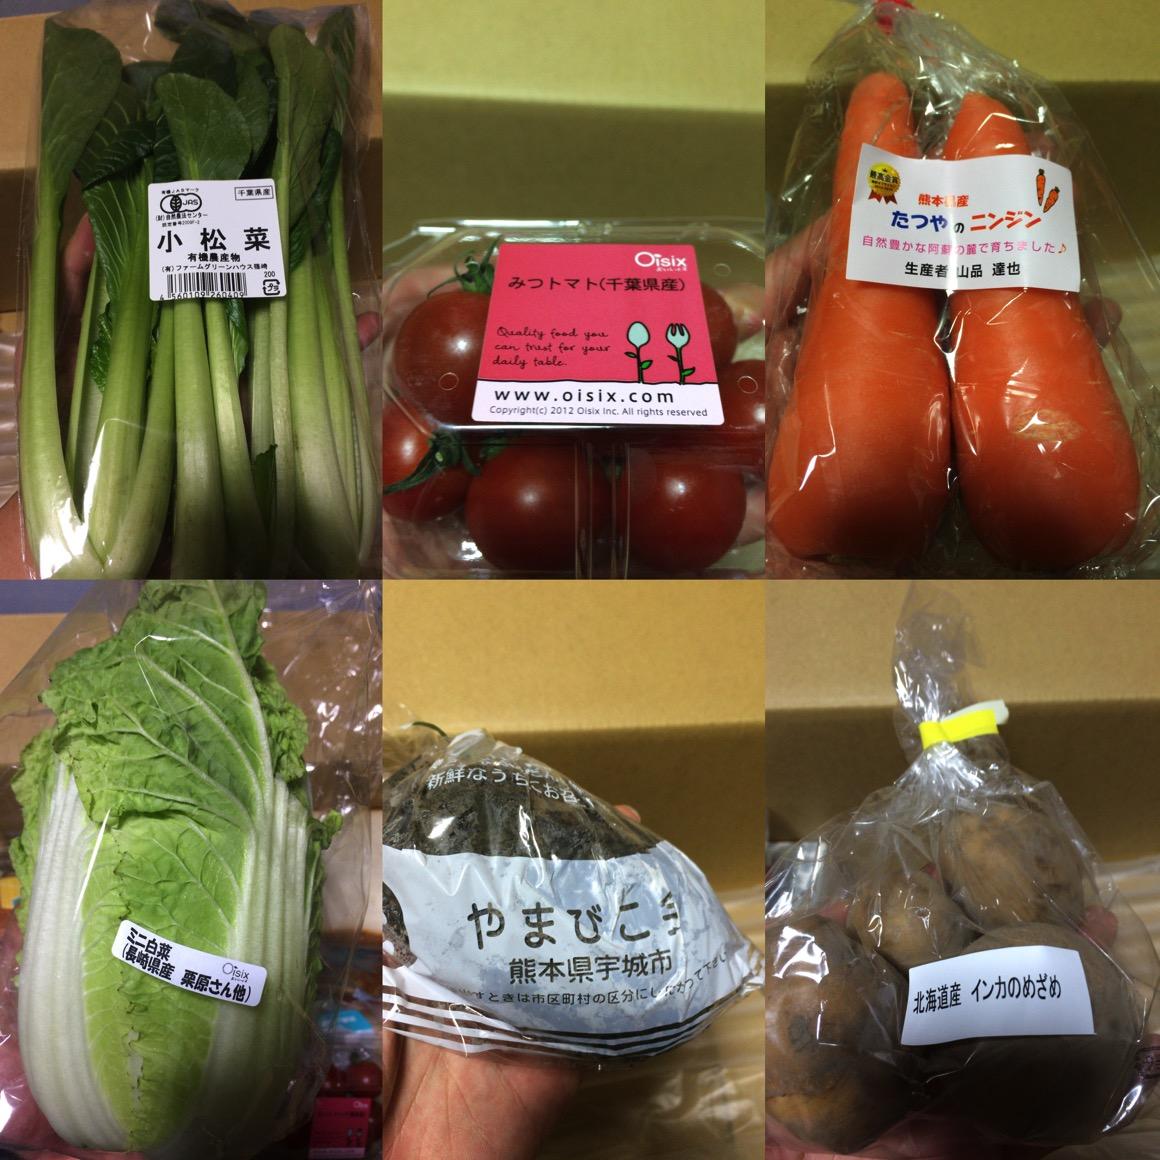 オイシックスお試しセット野菜